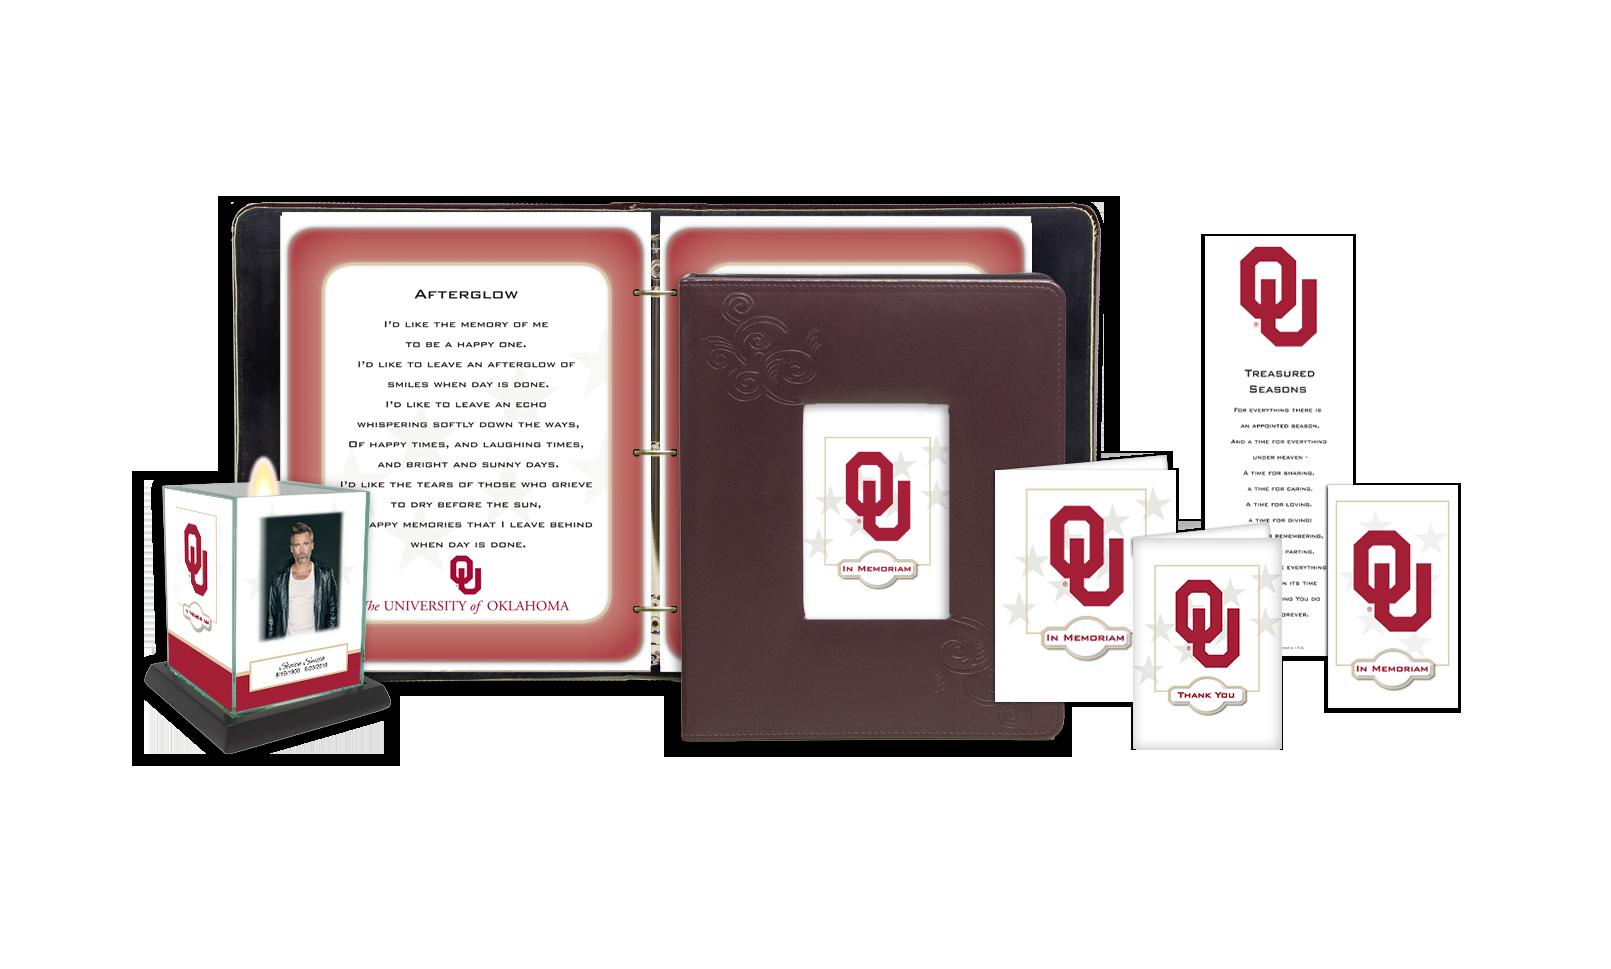 University of Oklahoma Series